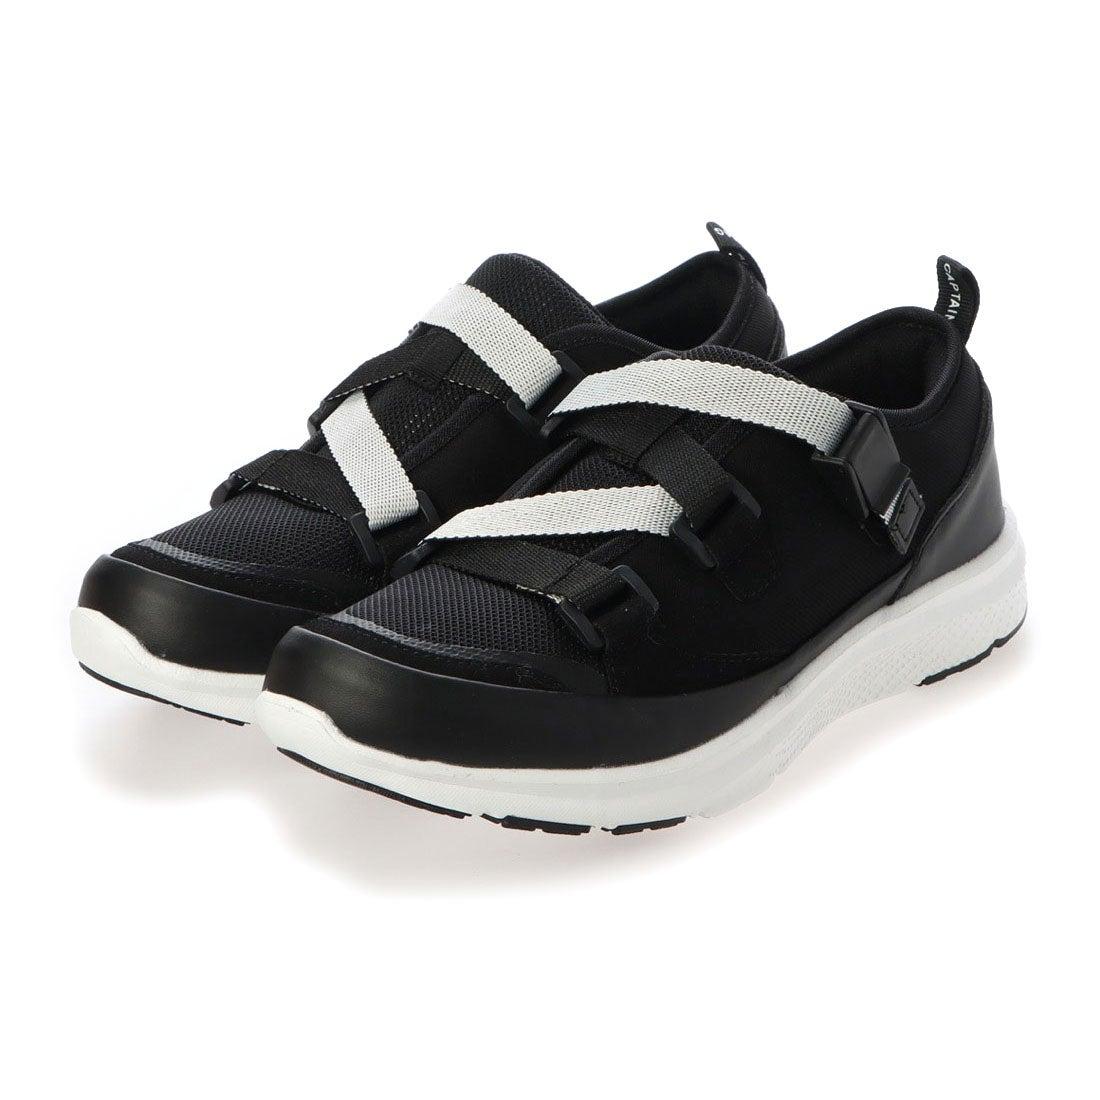 ロコンド 靴とファッションの通販サイトキャプテンスタッグ CAPTAIN STAG 配色アウトドアスタイルスニーカー (BLK)